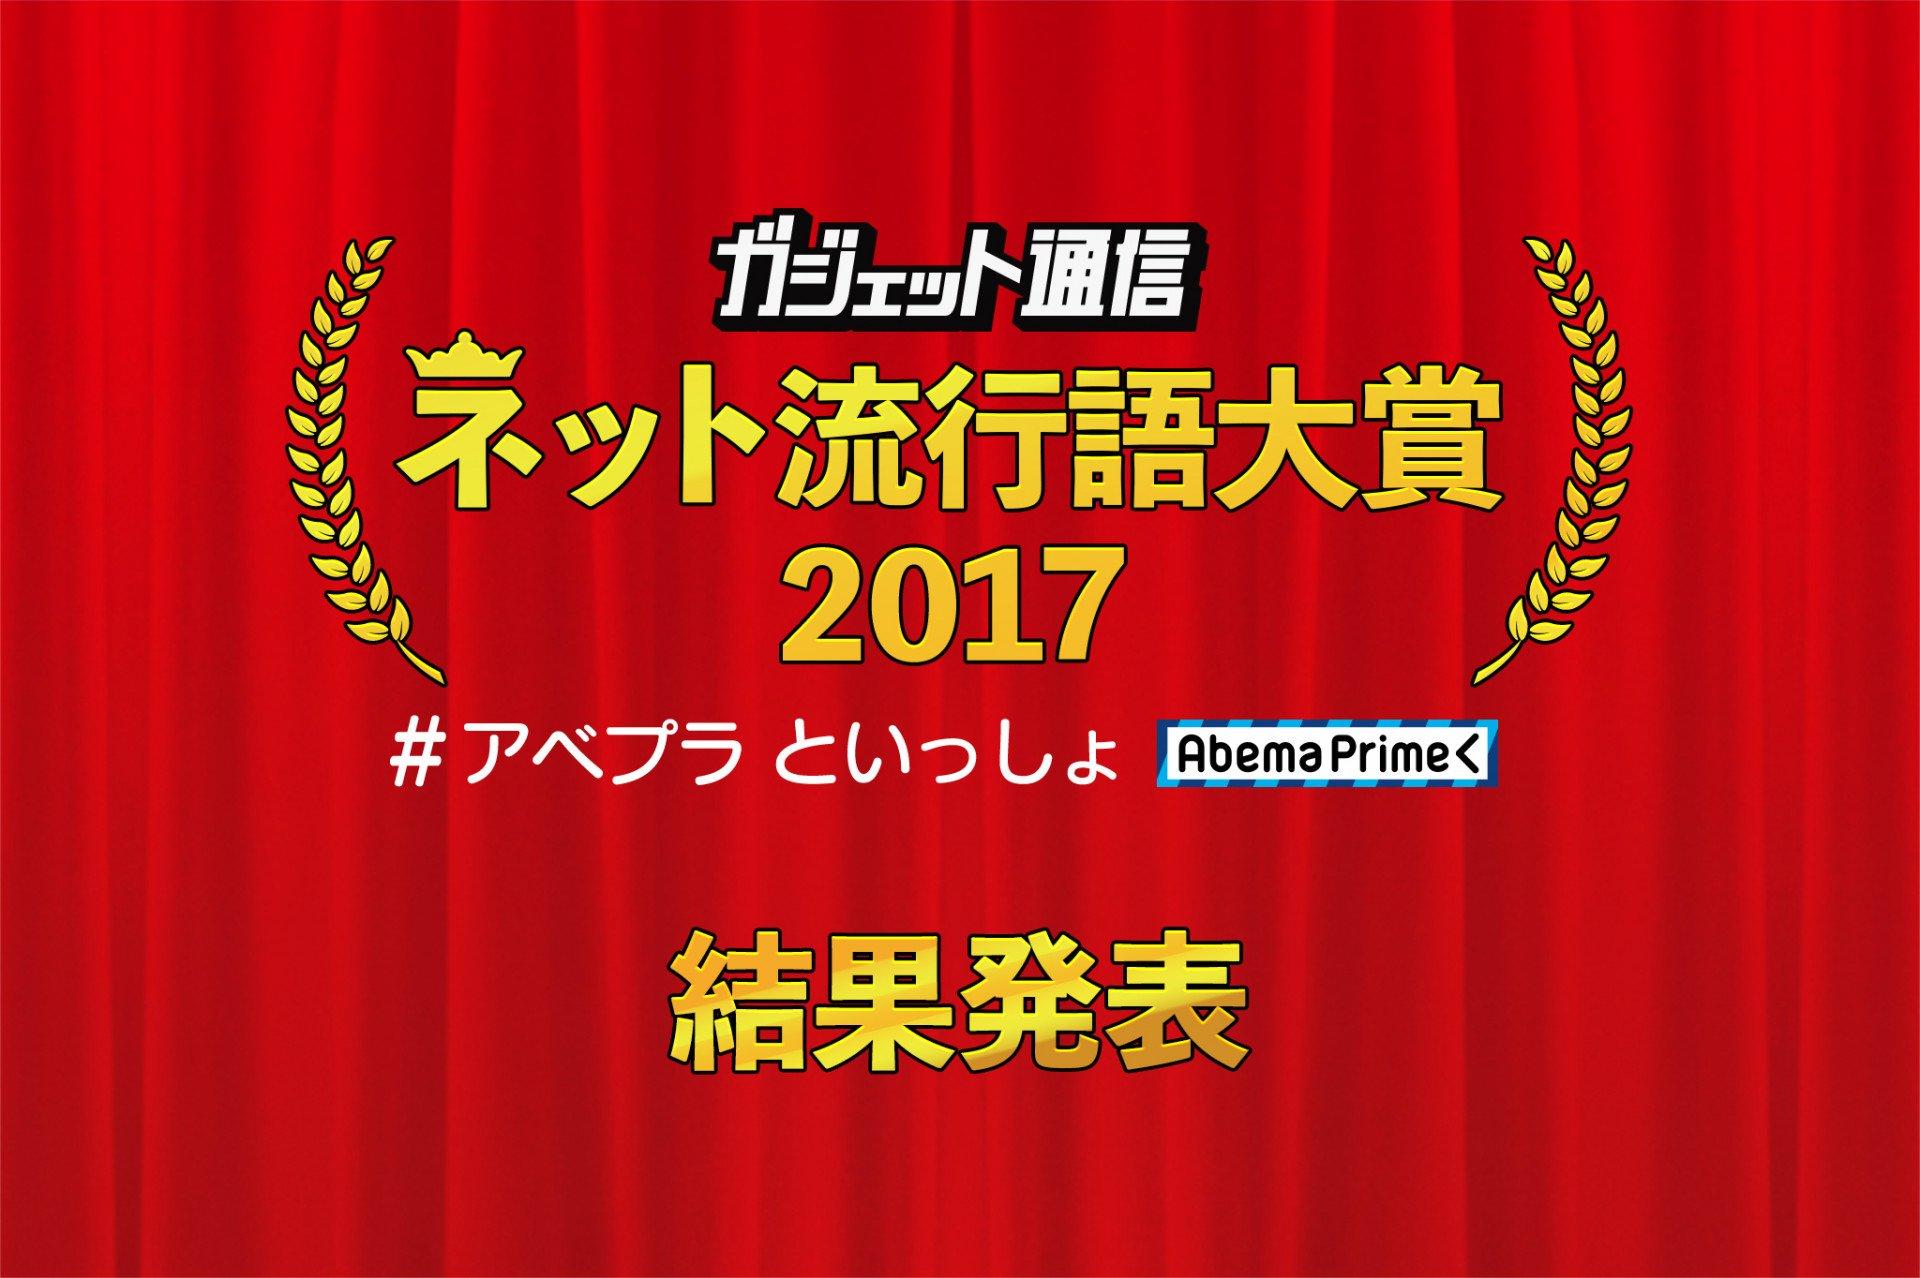 """『ガジェット通信 ネット流行語大賞2017 #アベプラ といっしょ』投票結果発表! 金賞は""""Nintendo Switch"""""""